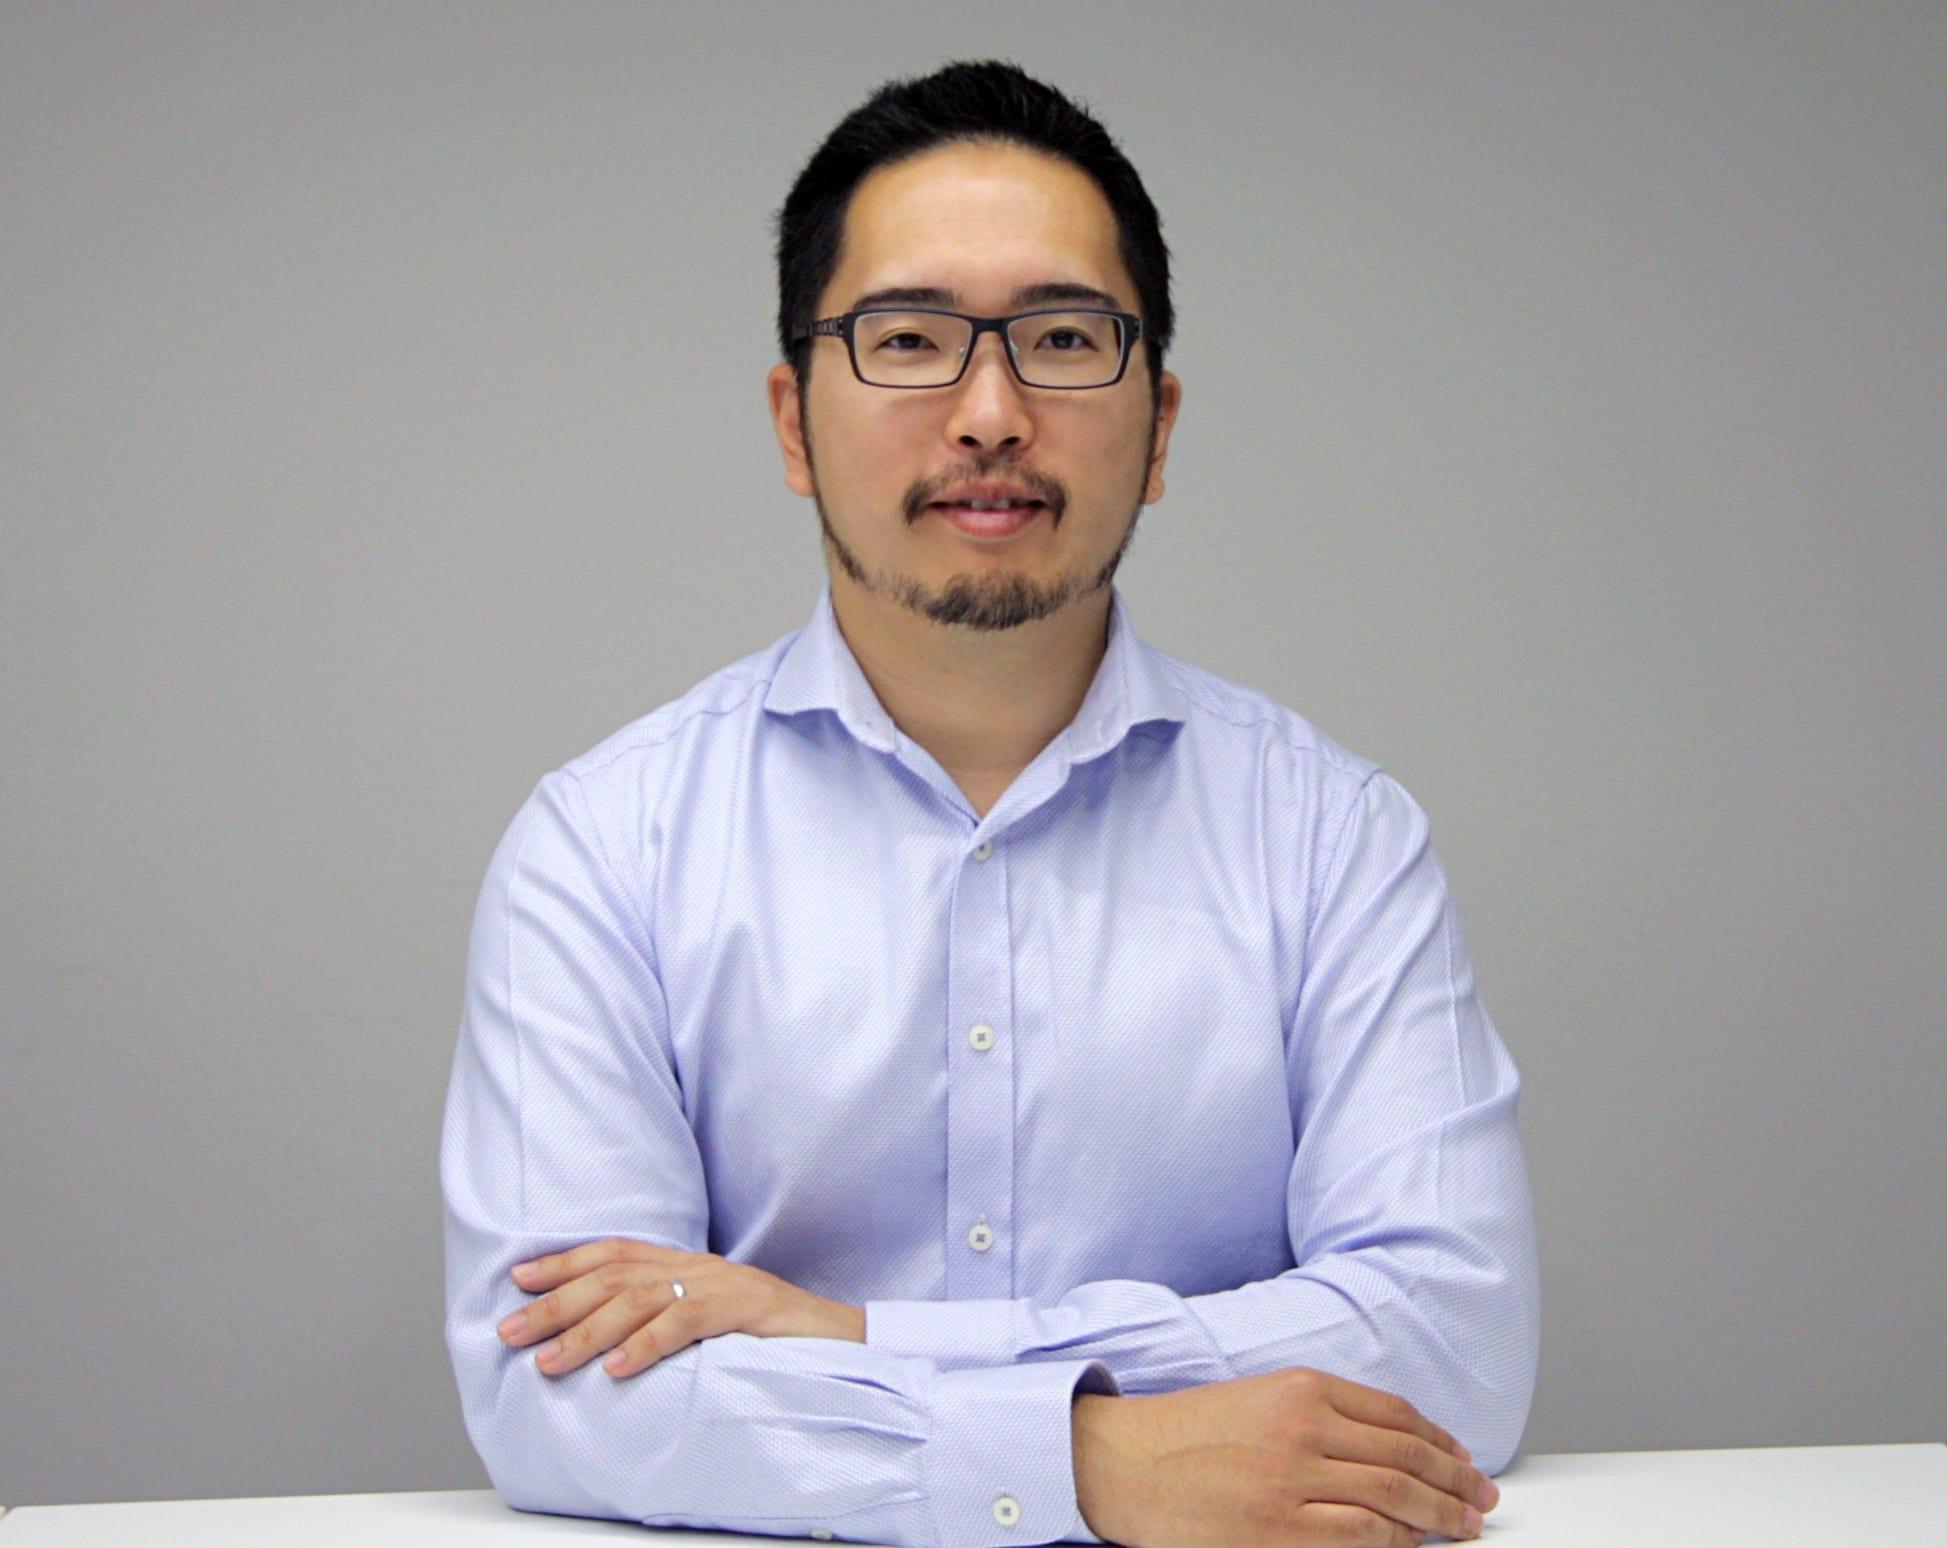 Toshihiko (Toshi) Matsuzaki